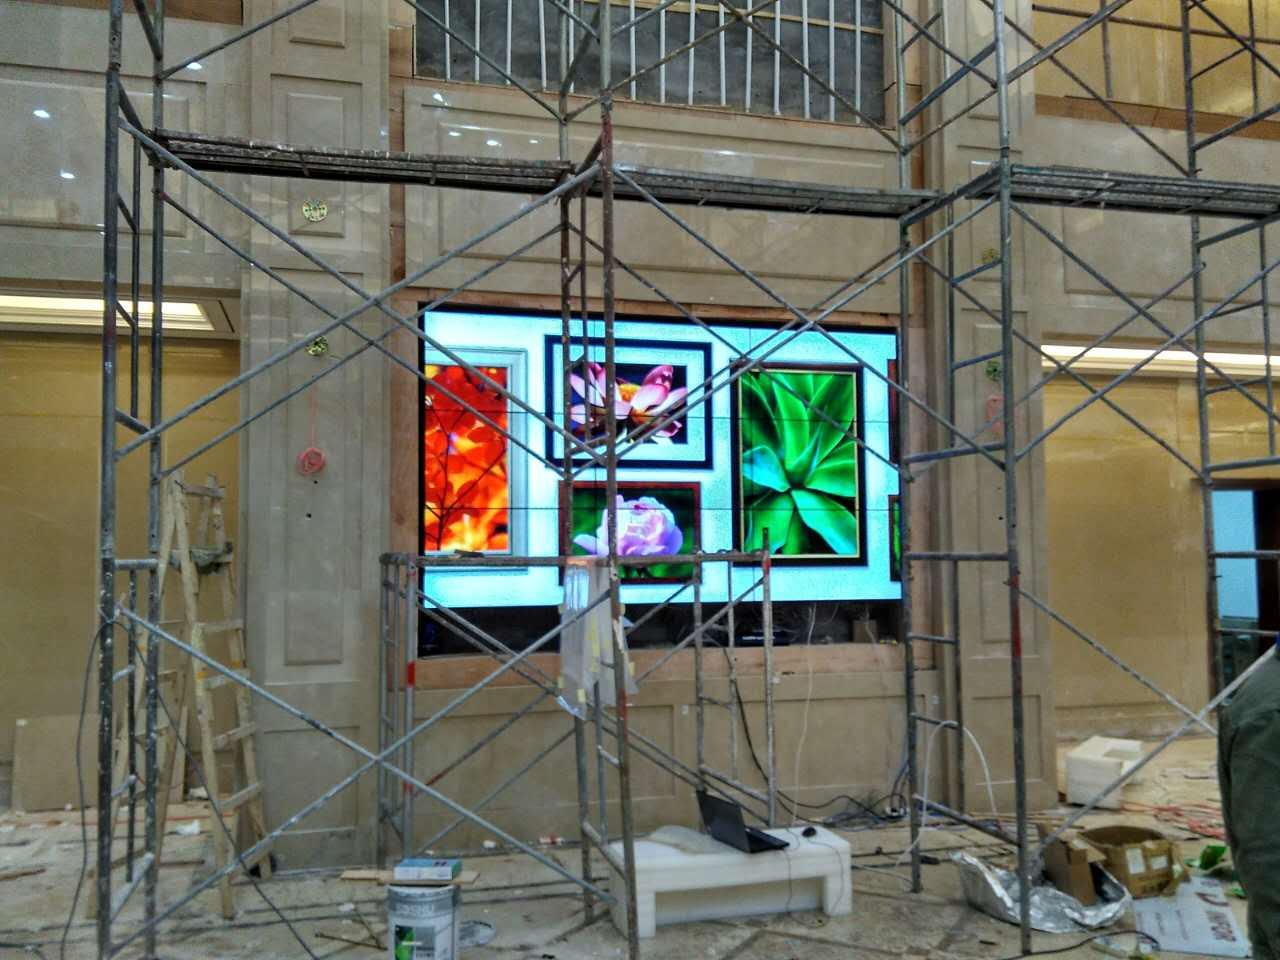 重庆某地产公司展厅3x3拼接